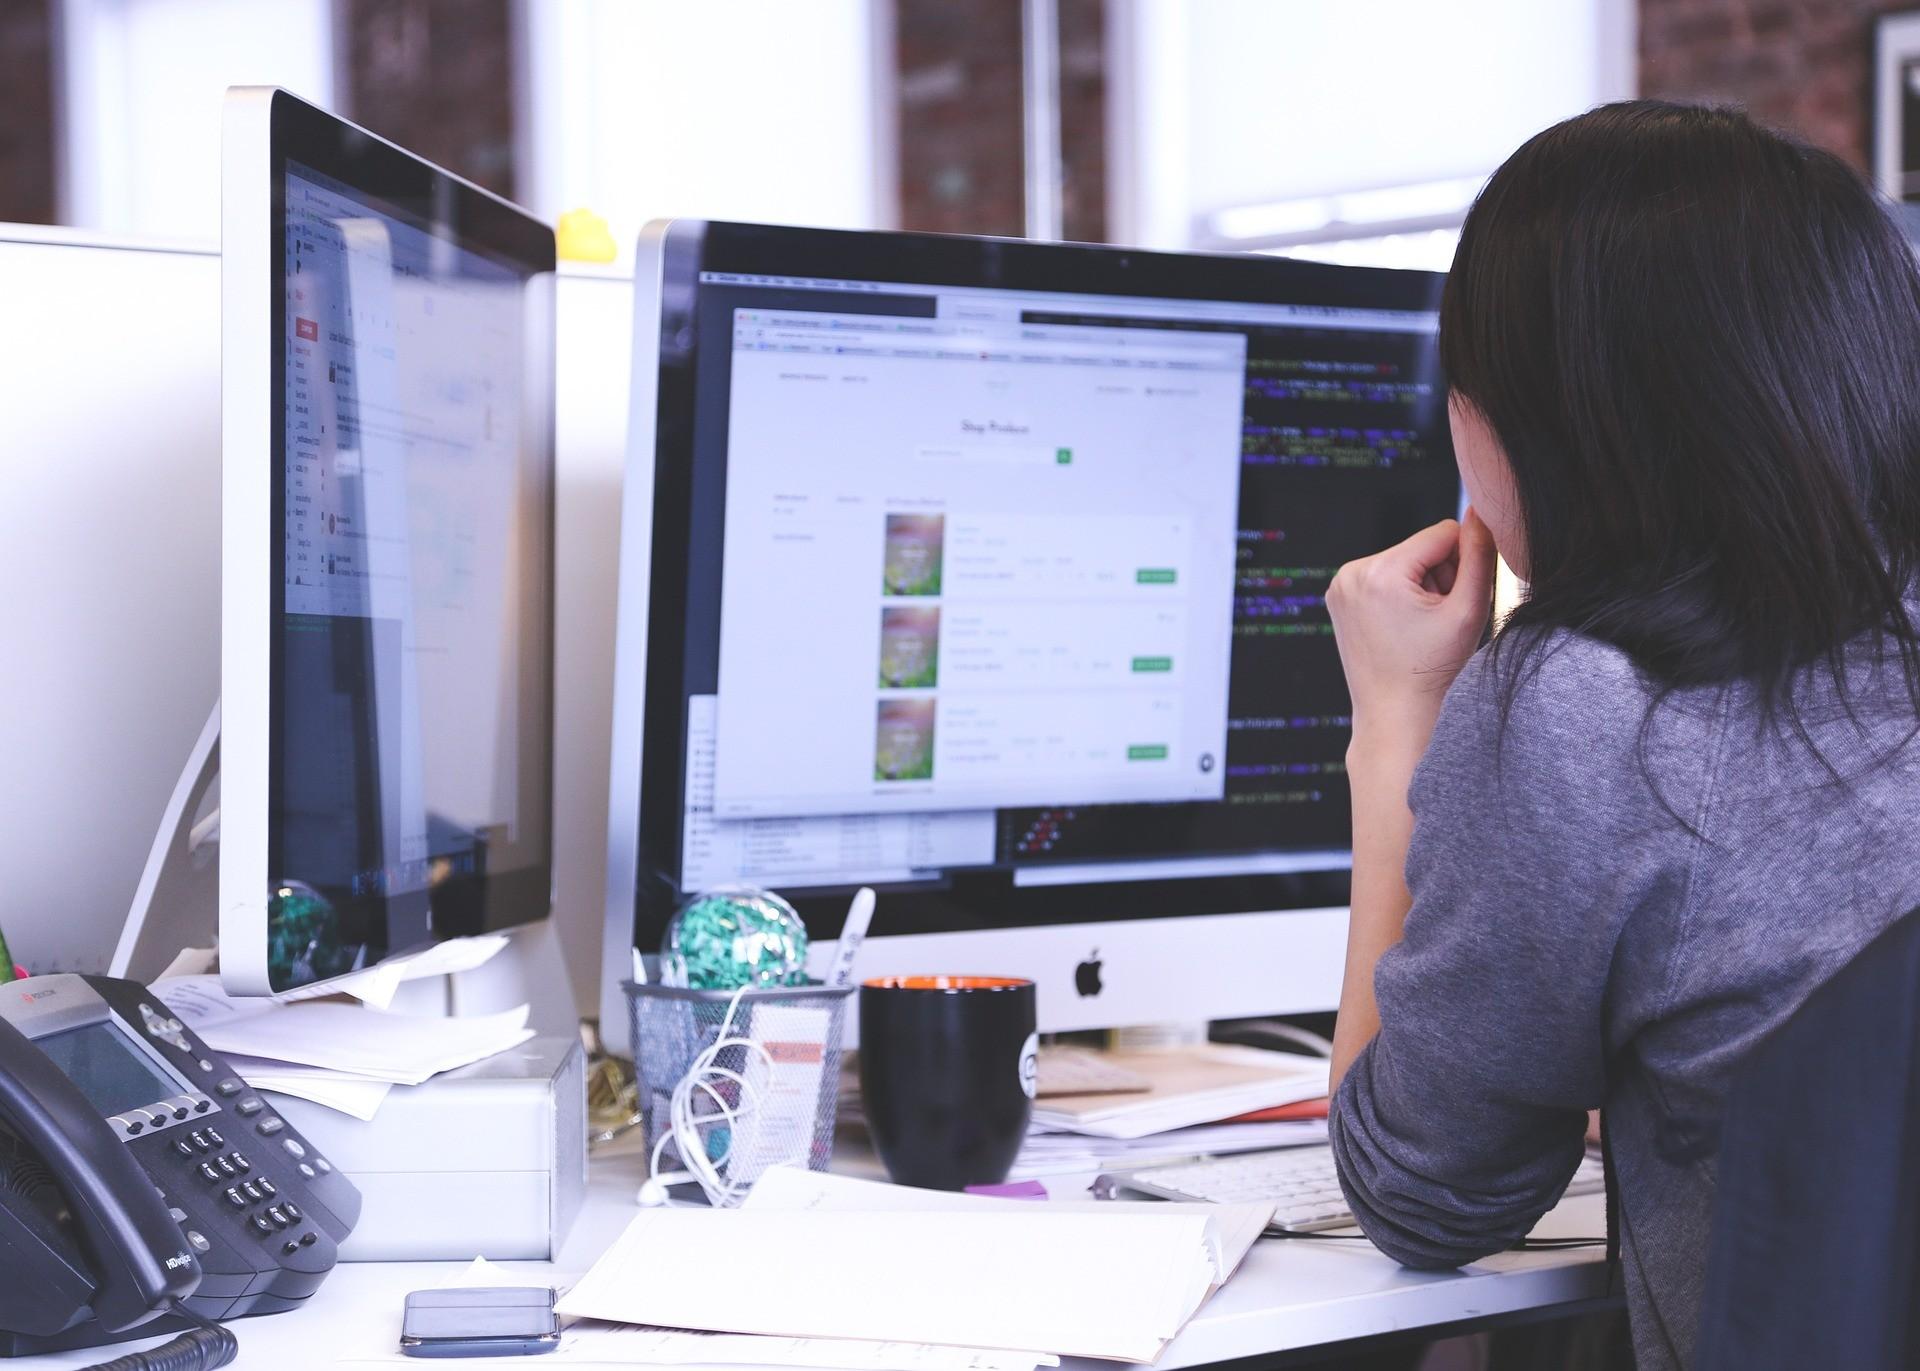 Domains verwalten: Domainmanagement einfach erklärt